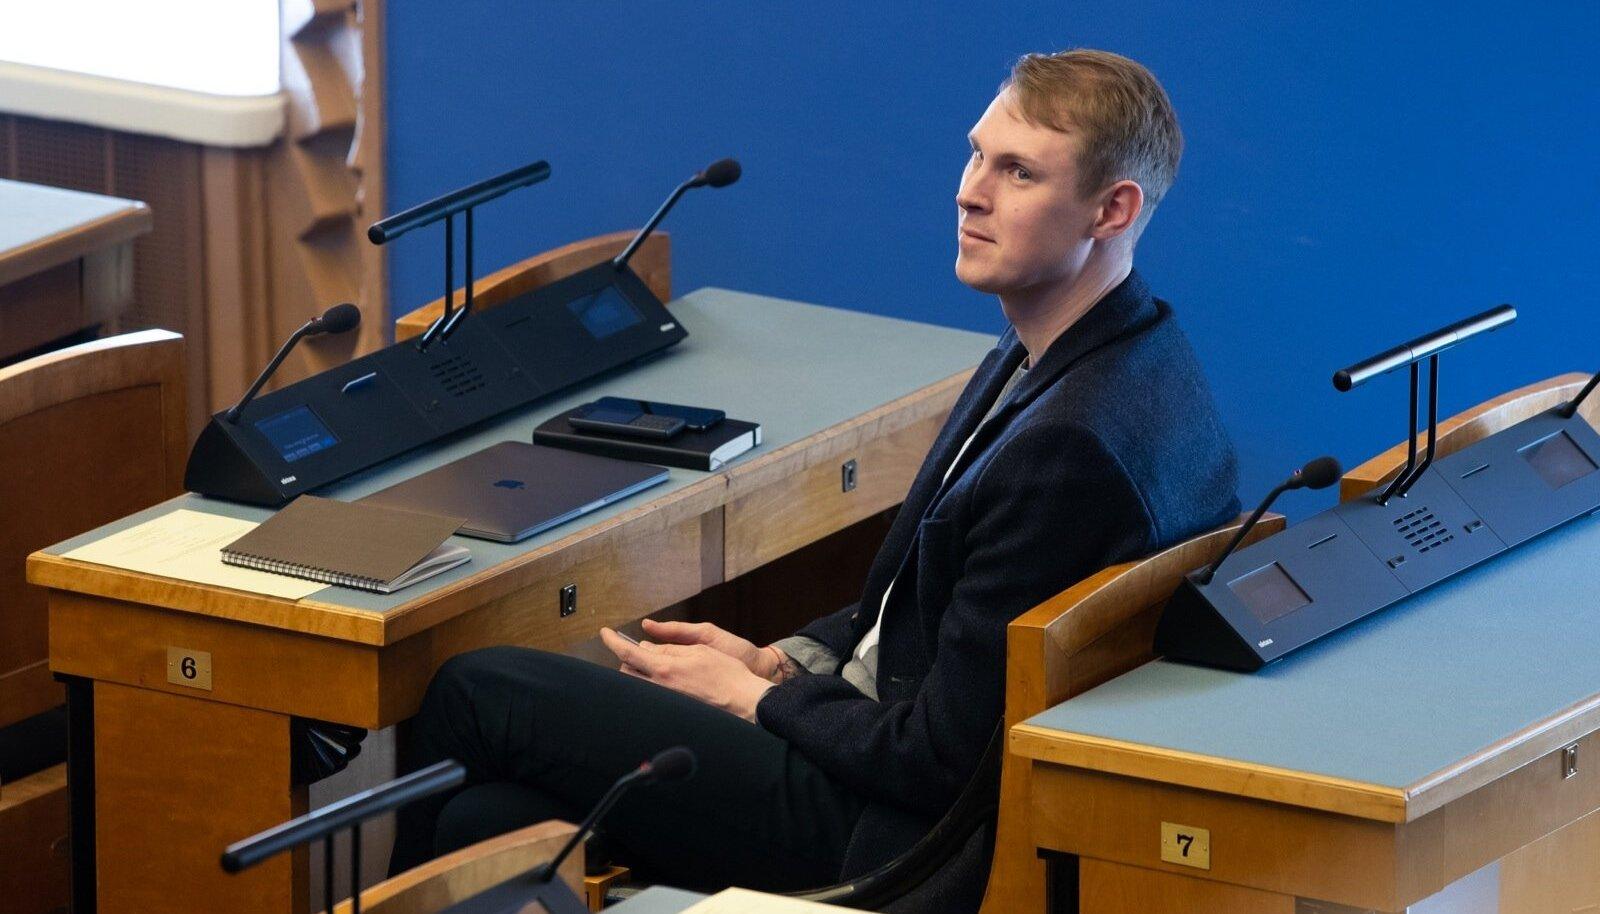 Keskerakonna esimees Jüri Ratas pidas riigikogu ees ettekande valitsuse moodustamise alustest.